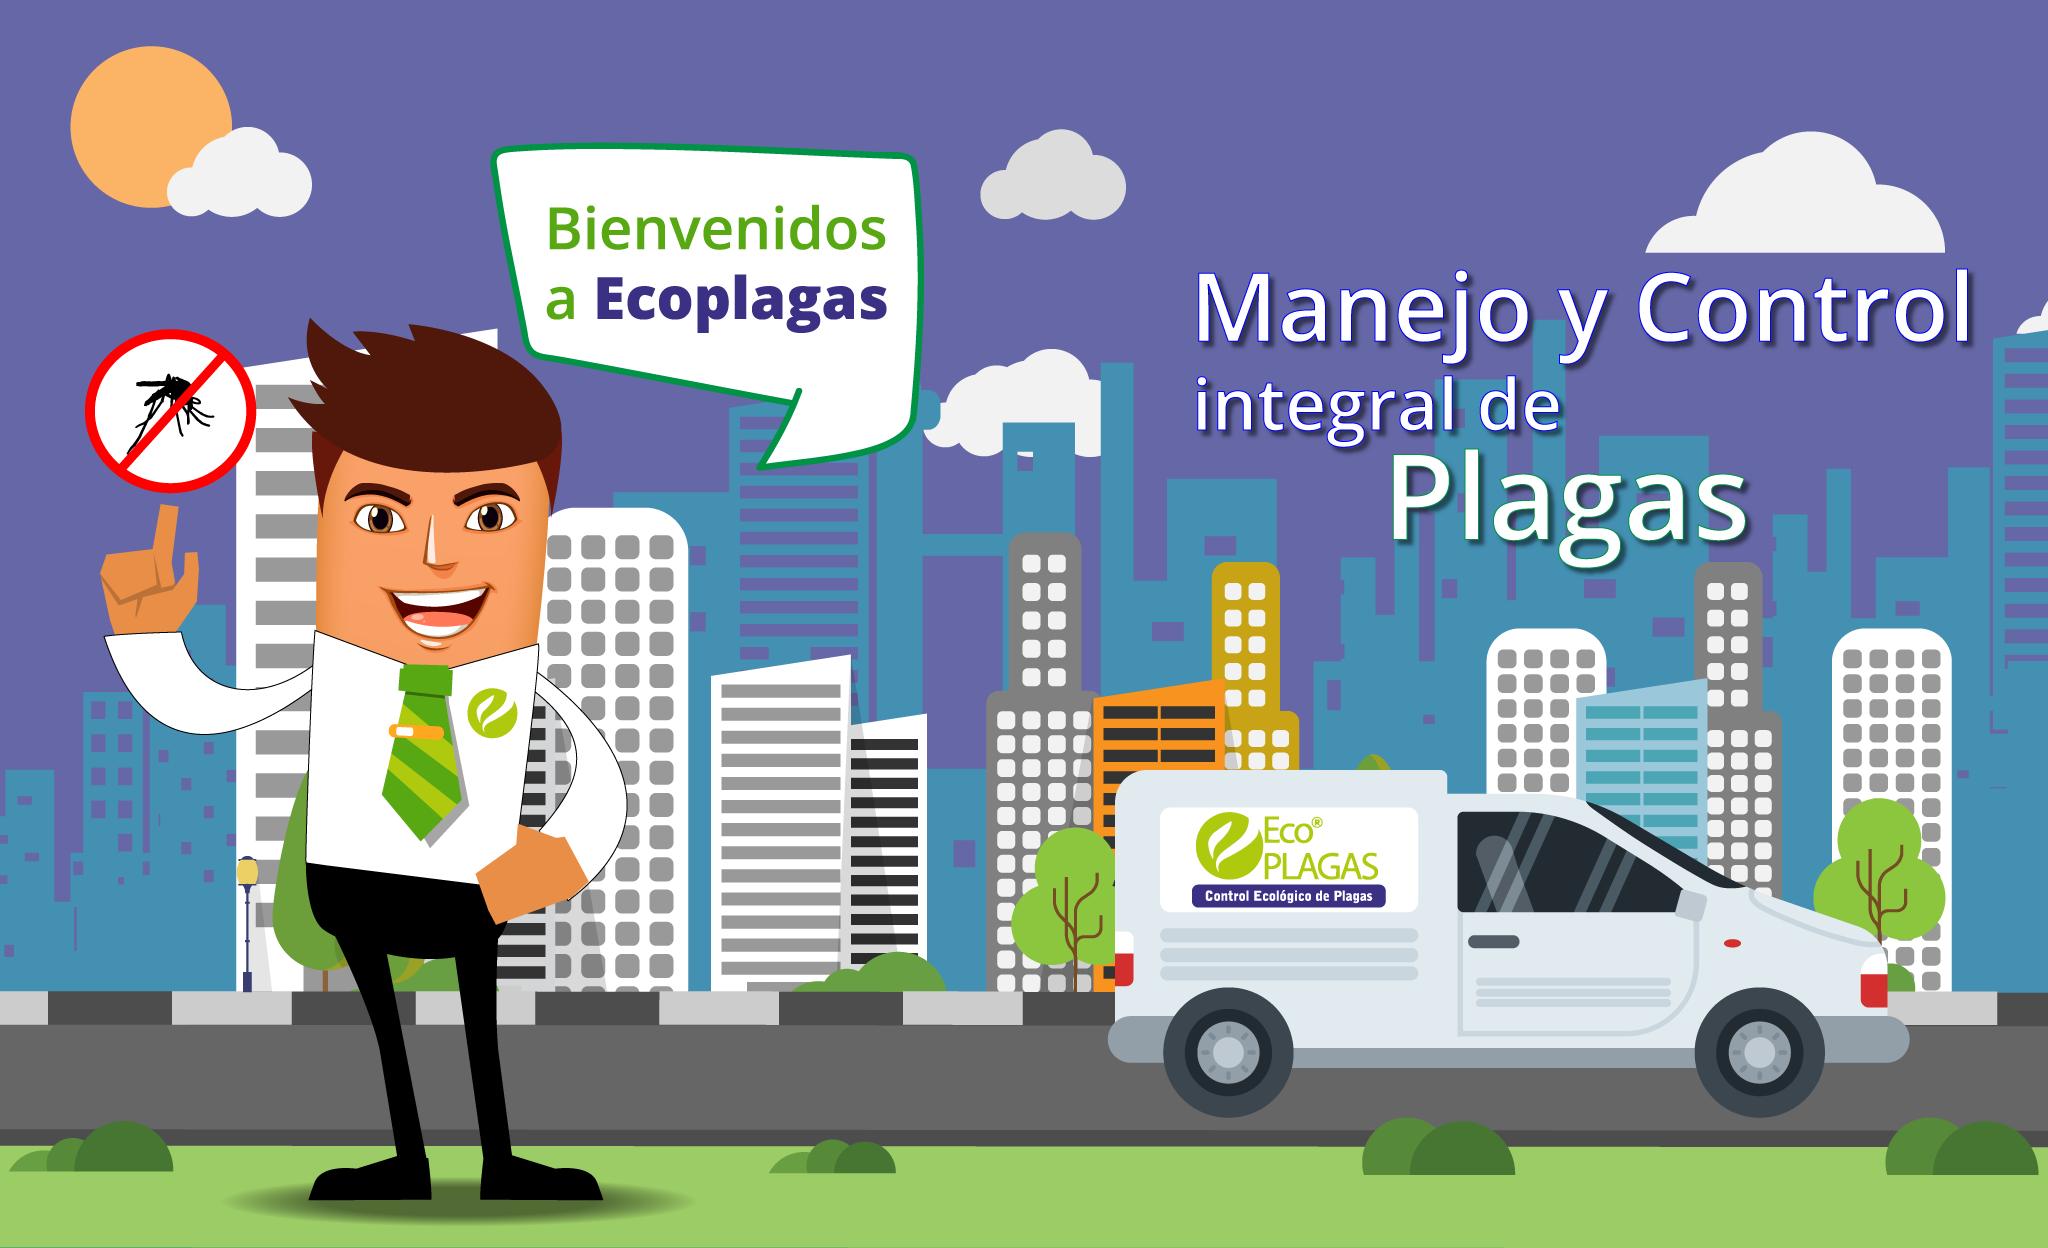 Ecoplagas